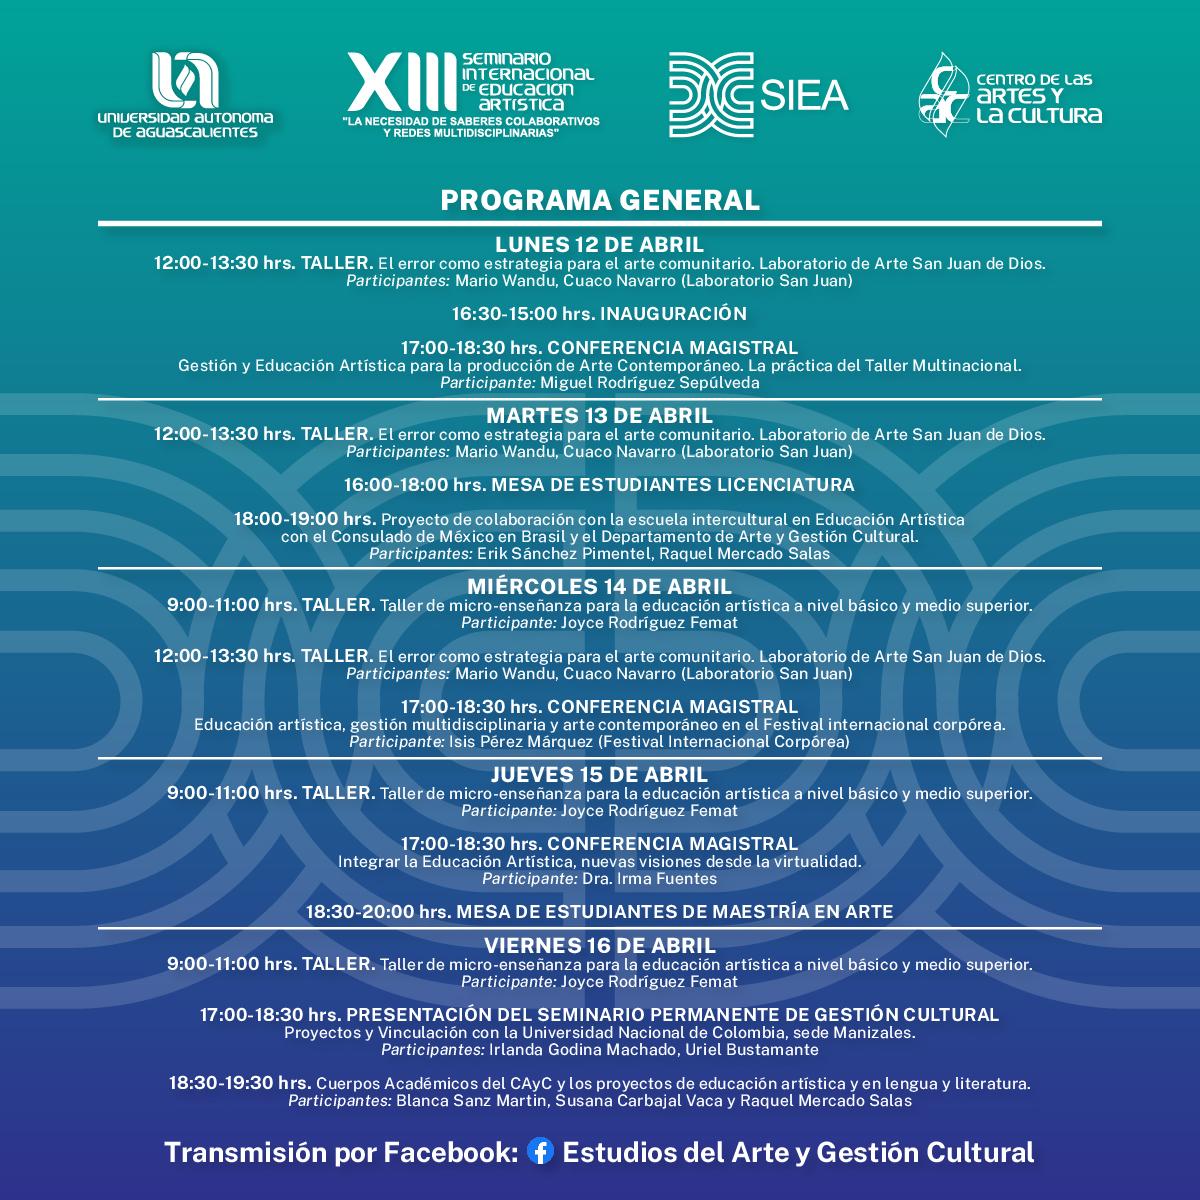 XIII Seminario Internacional de Educación Artística